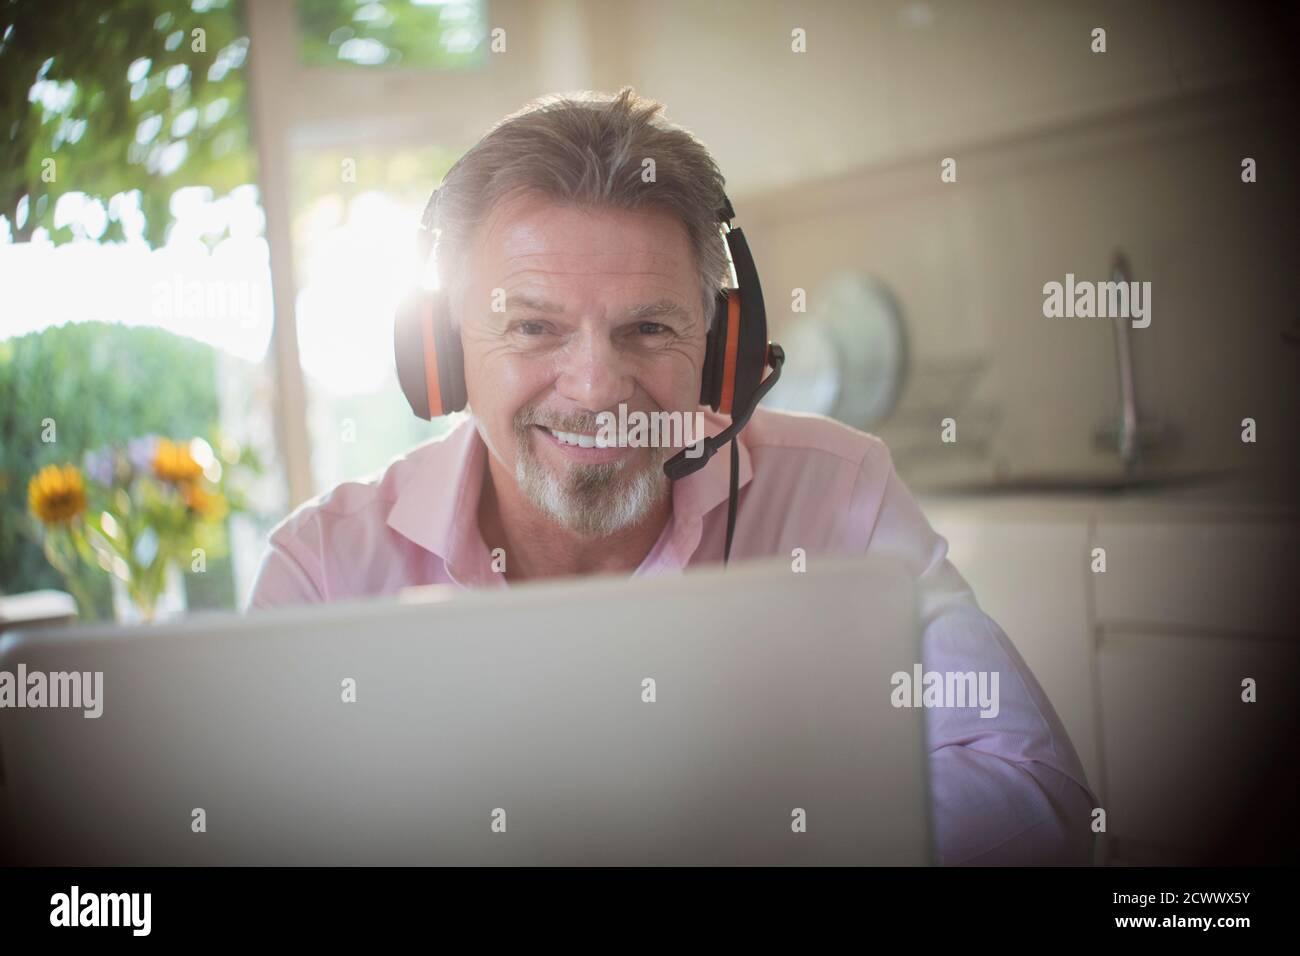 Portrait souriant homme senior avec casque travaillant sur ordinateur portable Banque D'Images